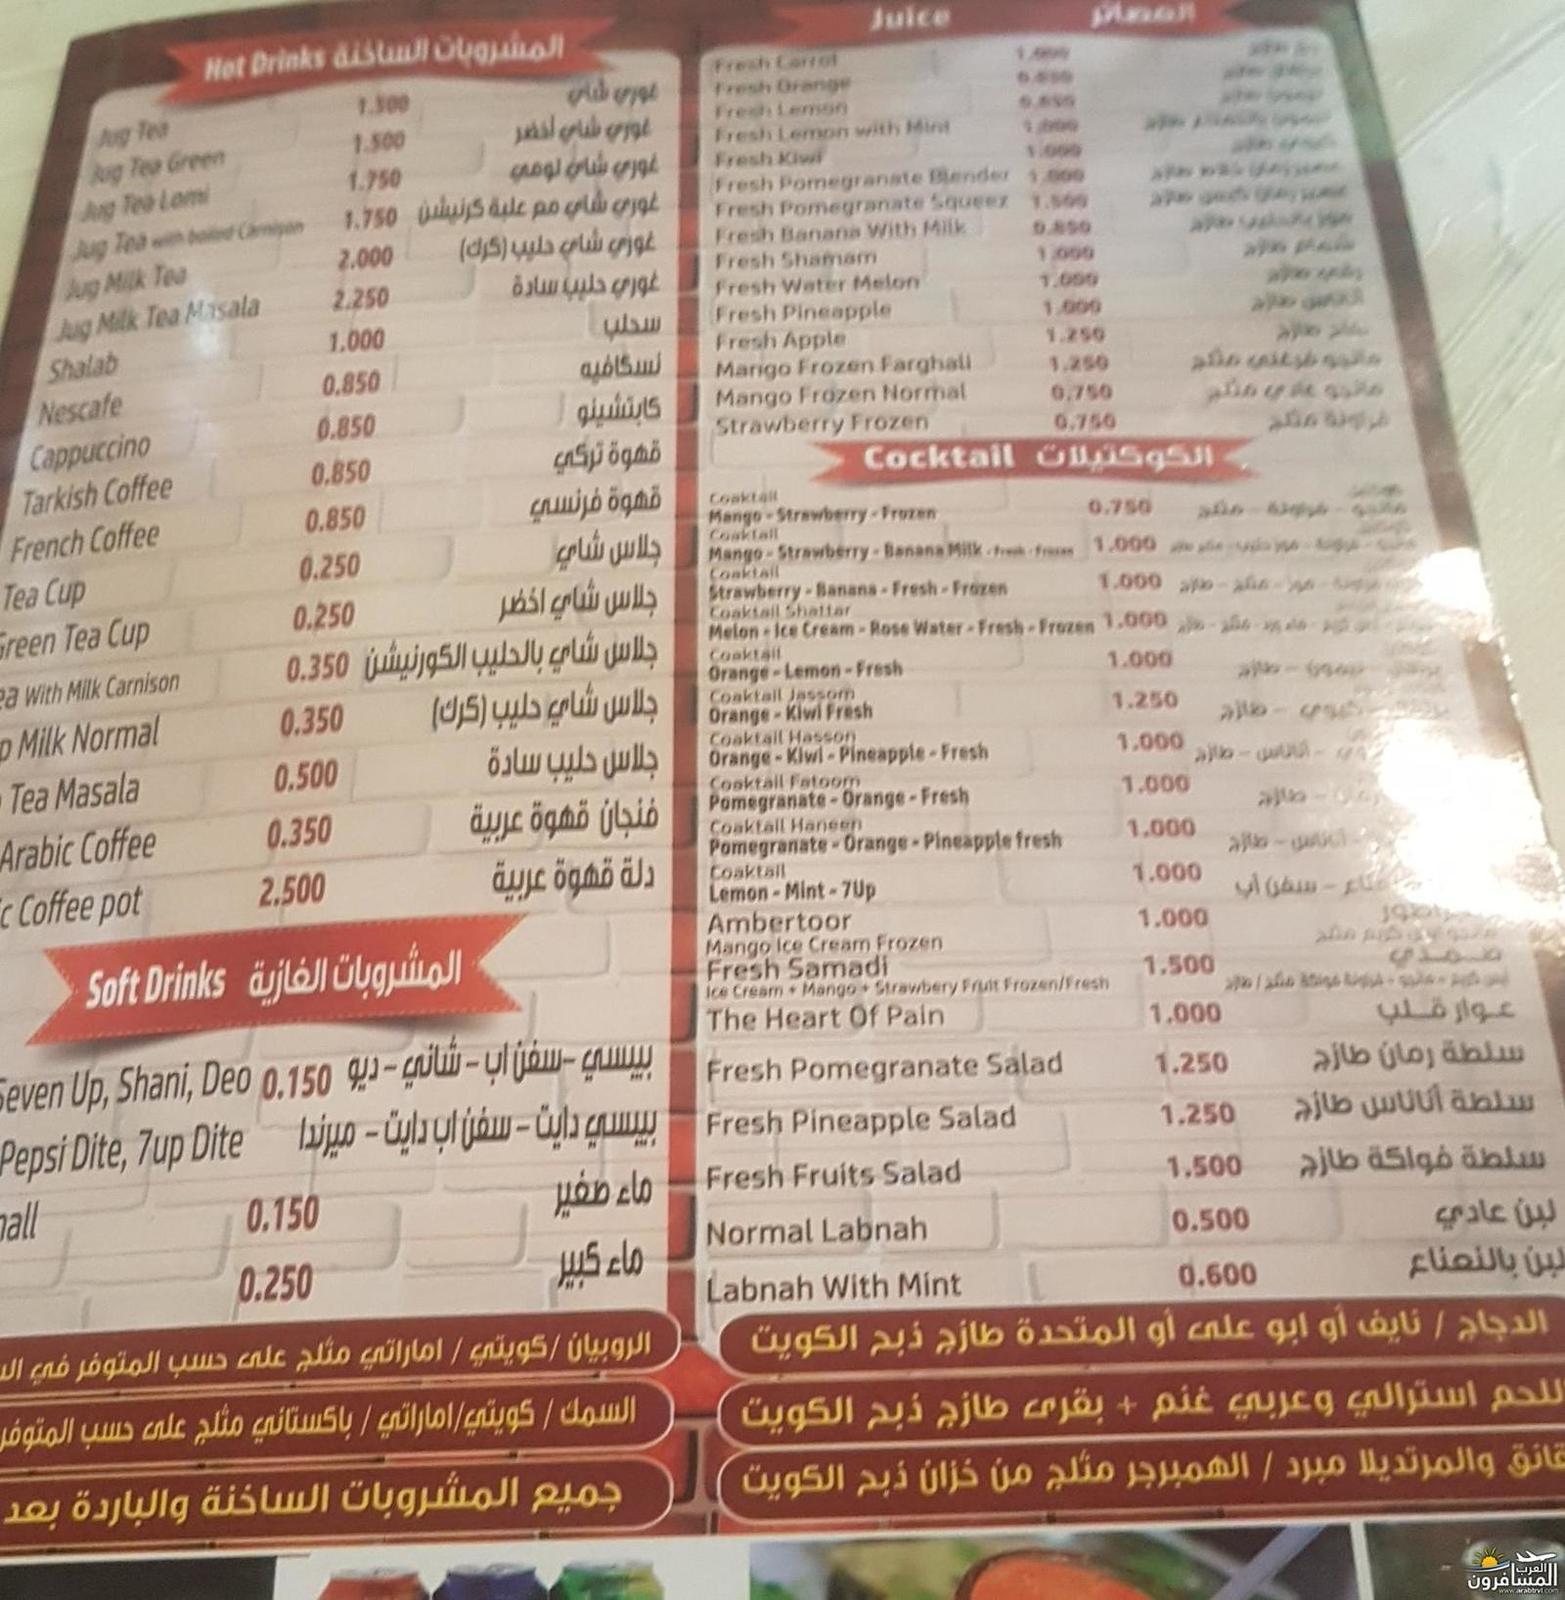 arabtrvl1521568140191.jpg